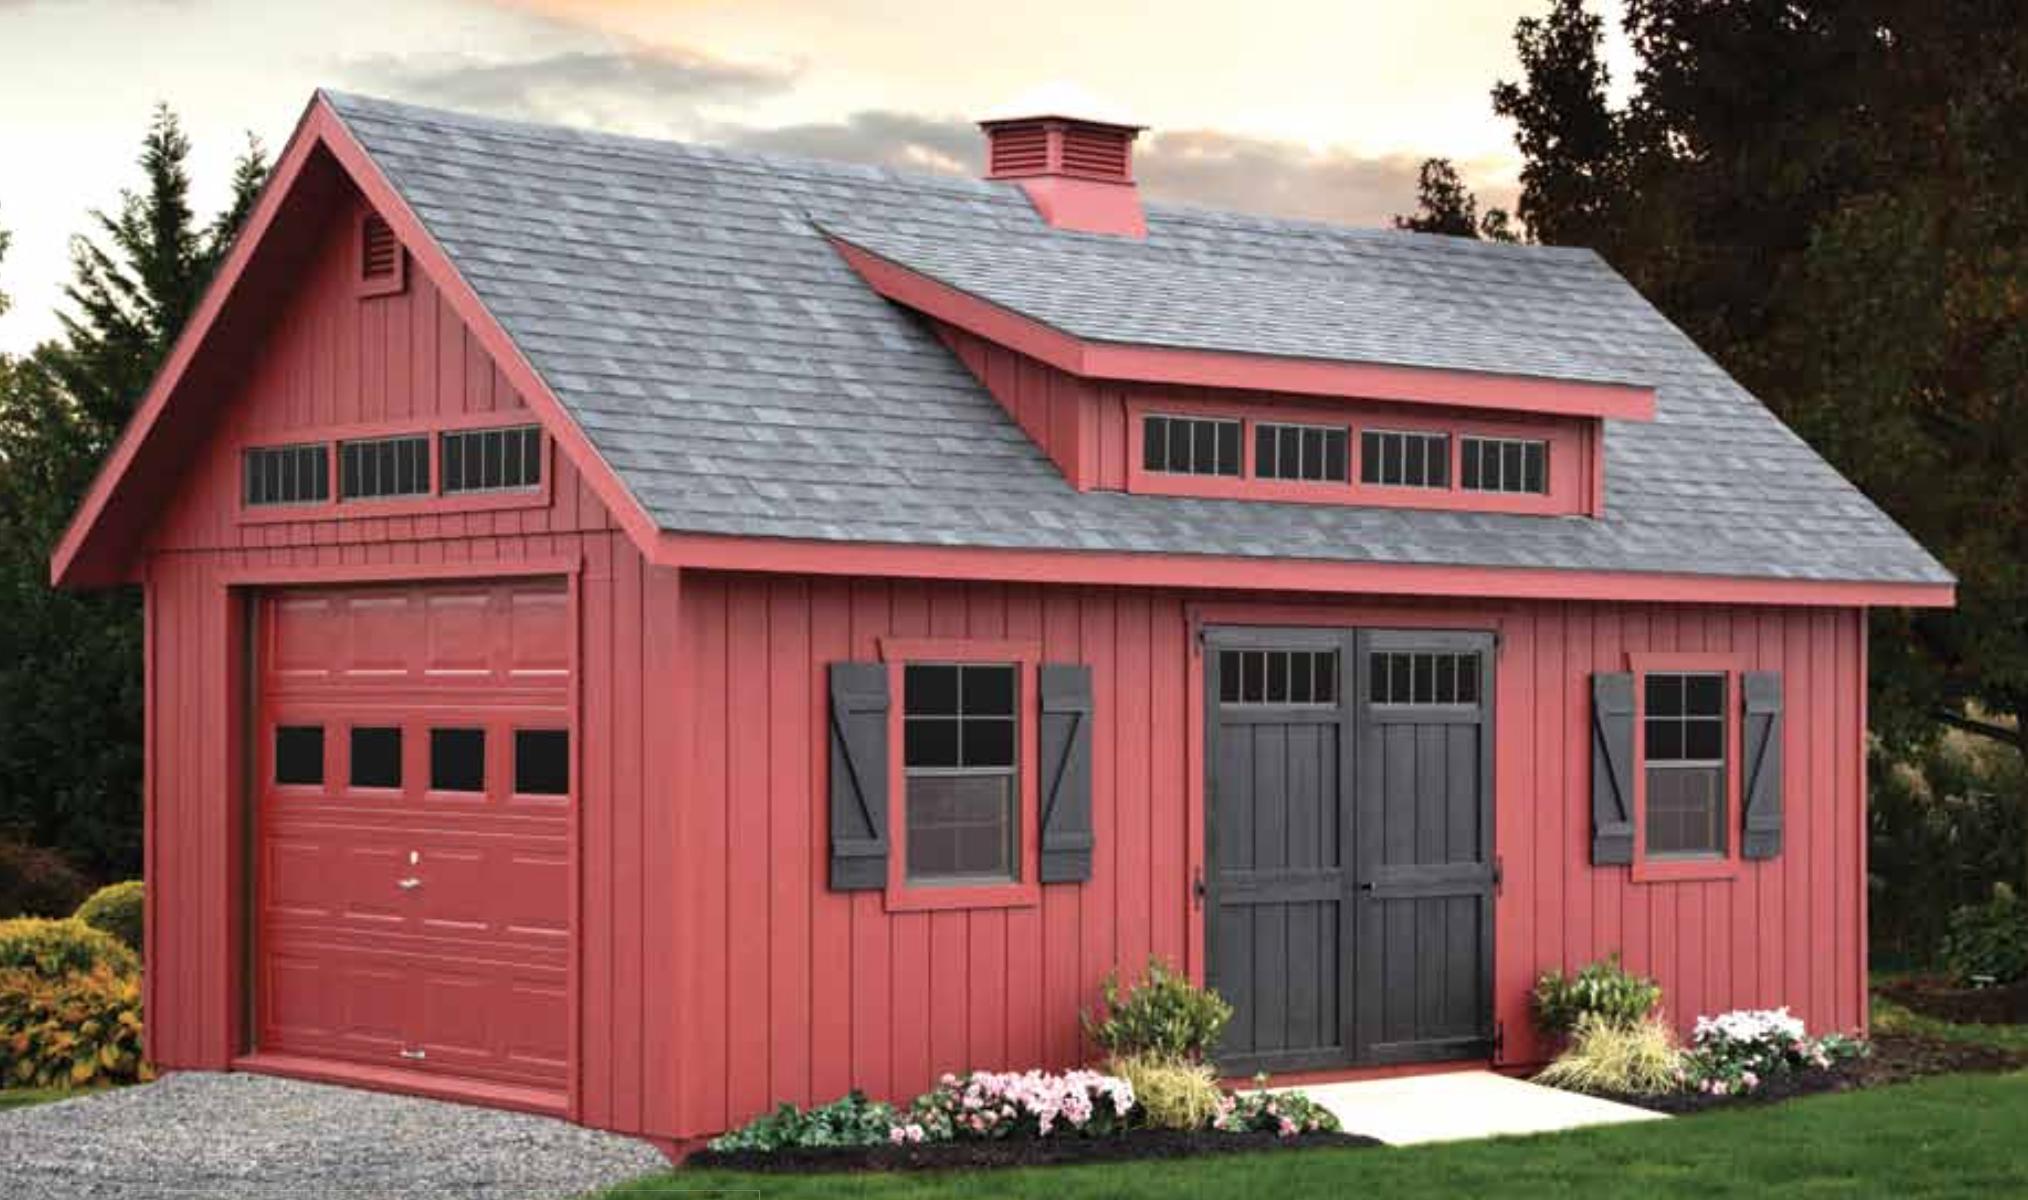 Garages Barn Storage Barns Sheds Amish Sheds